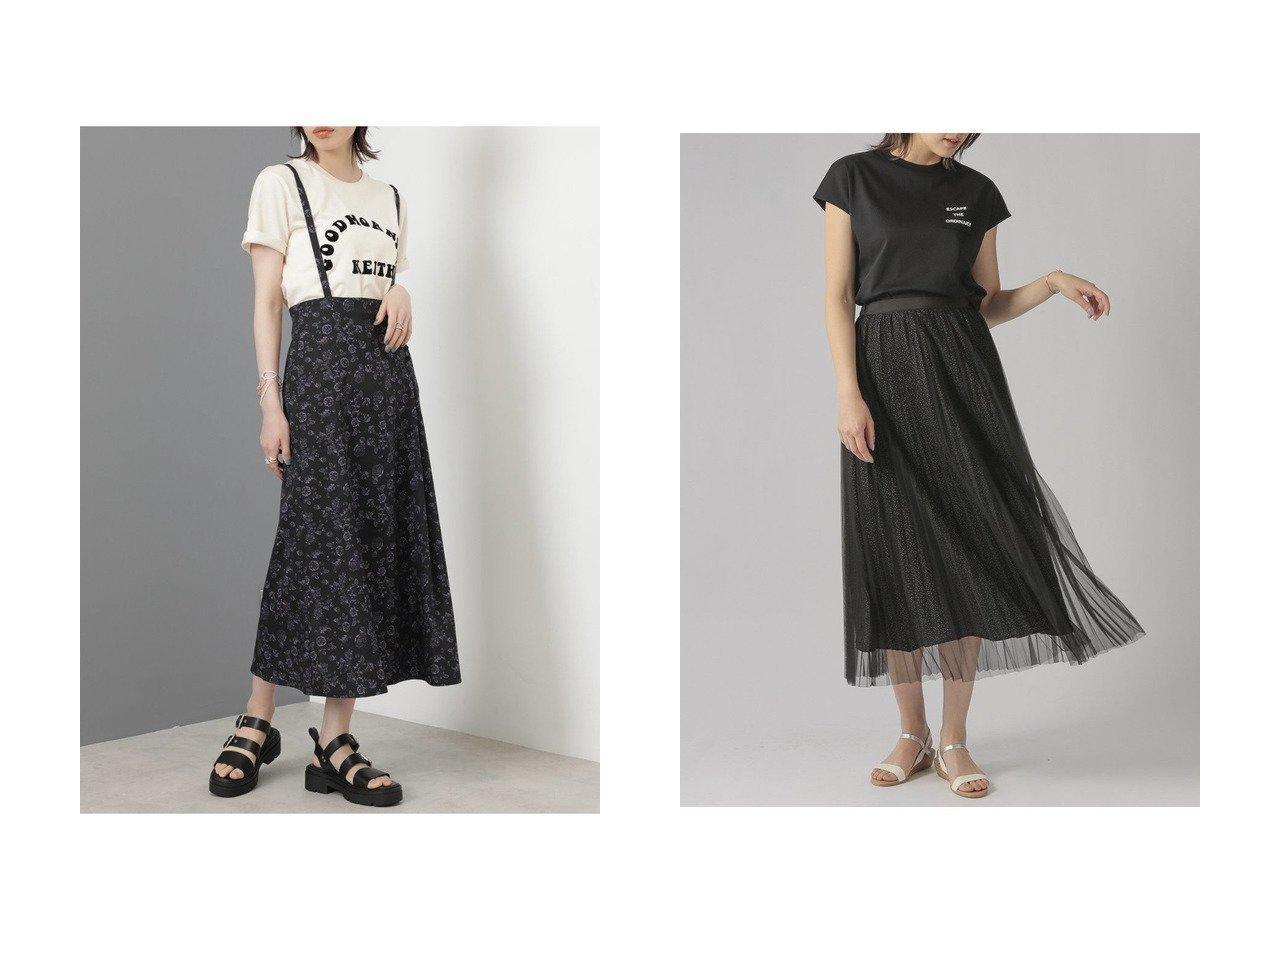 【Ezick/エジック】のチュールドットスカート&【ROSE BUD/ローズバッド】のサスペンダースカート 【スカート】おすすめ!人気、トレンド・レディースファッションの通販 おすすめで人気の流行・トレンド、ファッションの通販商品 インテリア・家具・メンズファッション・キッズファッション・レディースファッション・服の通販 founy(ファニー) https://founy.com/ ファッション Fashion レディースファッション WOMEN スカート Skirt ロングスカート Long Skirt サンダル シンプル スニーカー ドット ロング 2020年 2020 2020-2021秋冬・A/W AW・Autumn/Winter・FW・Fall-Winter/2020-2021 2021年 2021 2021-2022秋冬・A/W AW・Autumn/Winter・FW・Fall-Winter・2021-2022 A/W・秋冬 AW・Autumn/Winter・FW・Fall-Winter おすすめ Recommend サスペンダー フィット フレア プリント ボトム ラップ 人気 定番 Standard 無地 |ID:crp329100000056321